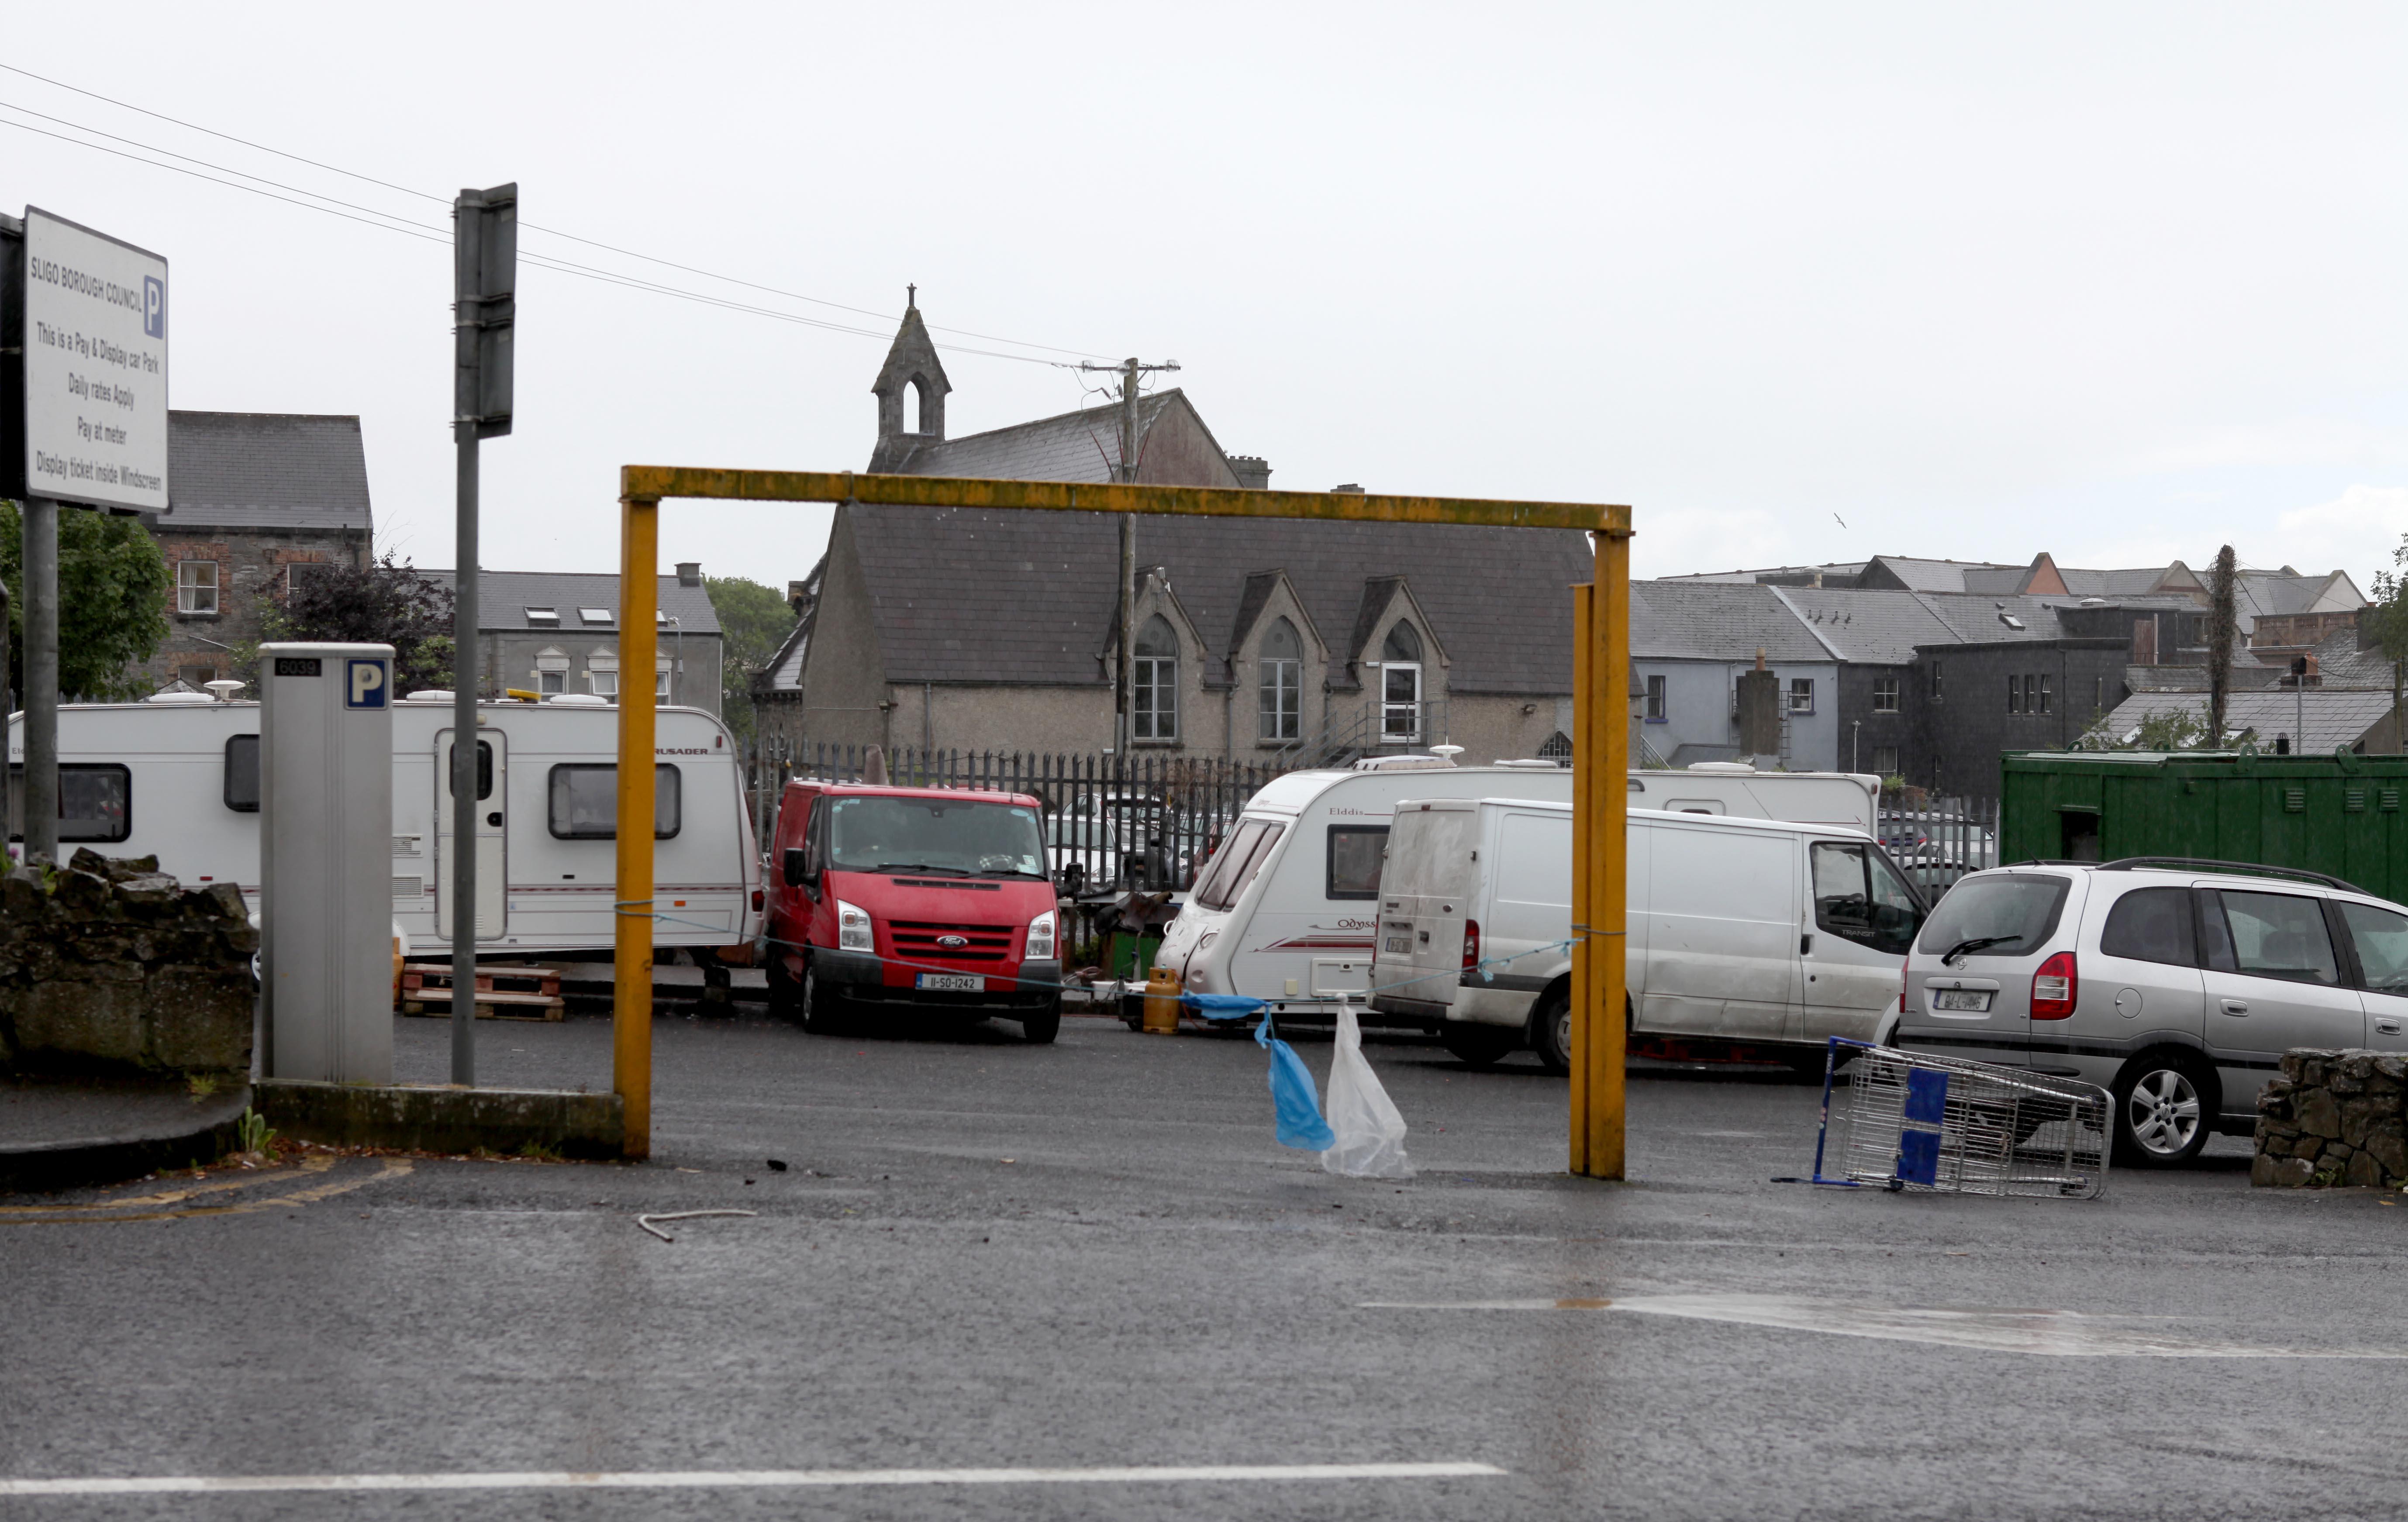 Cars Blocked From Car Park Page 11 Of 62 Sligo Weekender Sligo News Sligo Sport